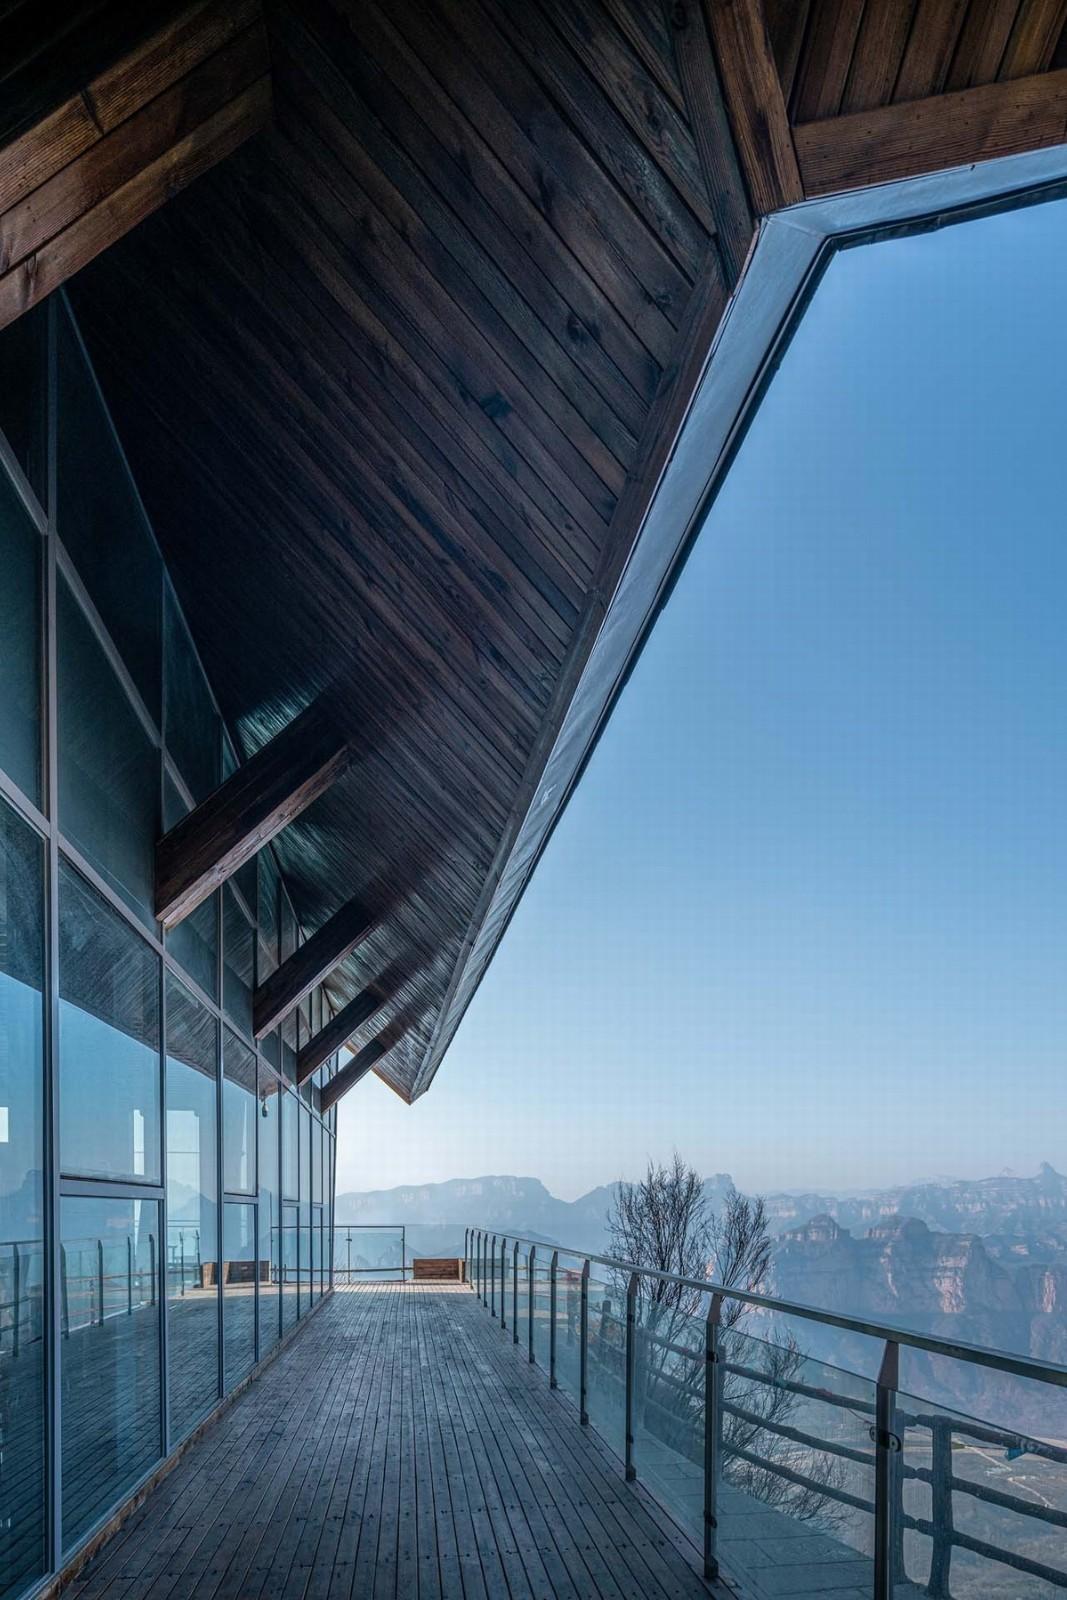 邯郸悬崖上的餐厅建筑设计 / 北京天地都市建筑设计